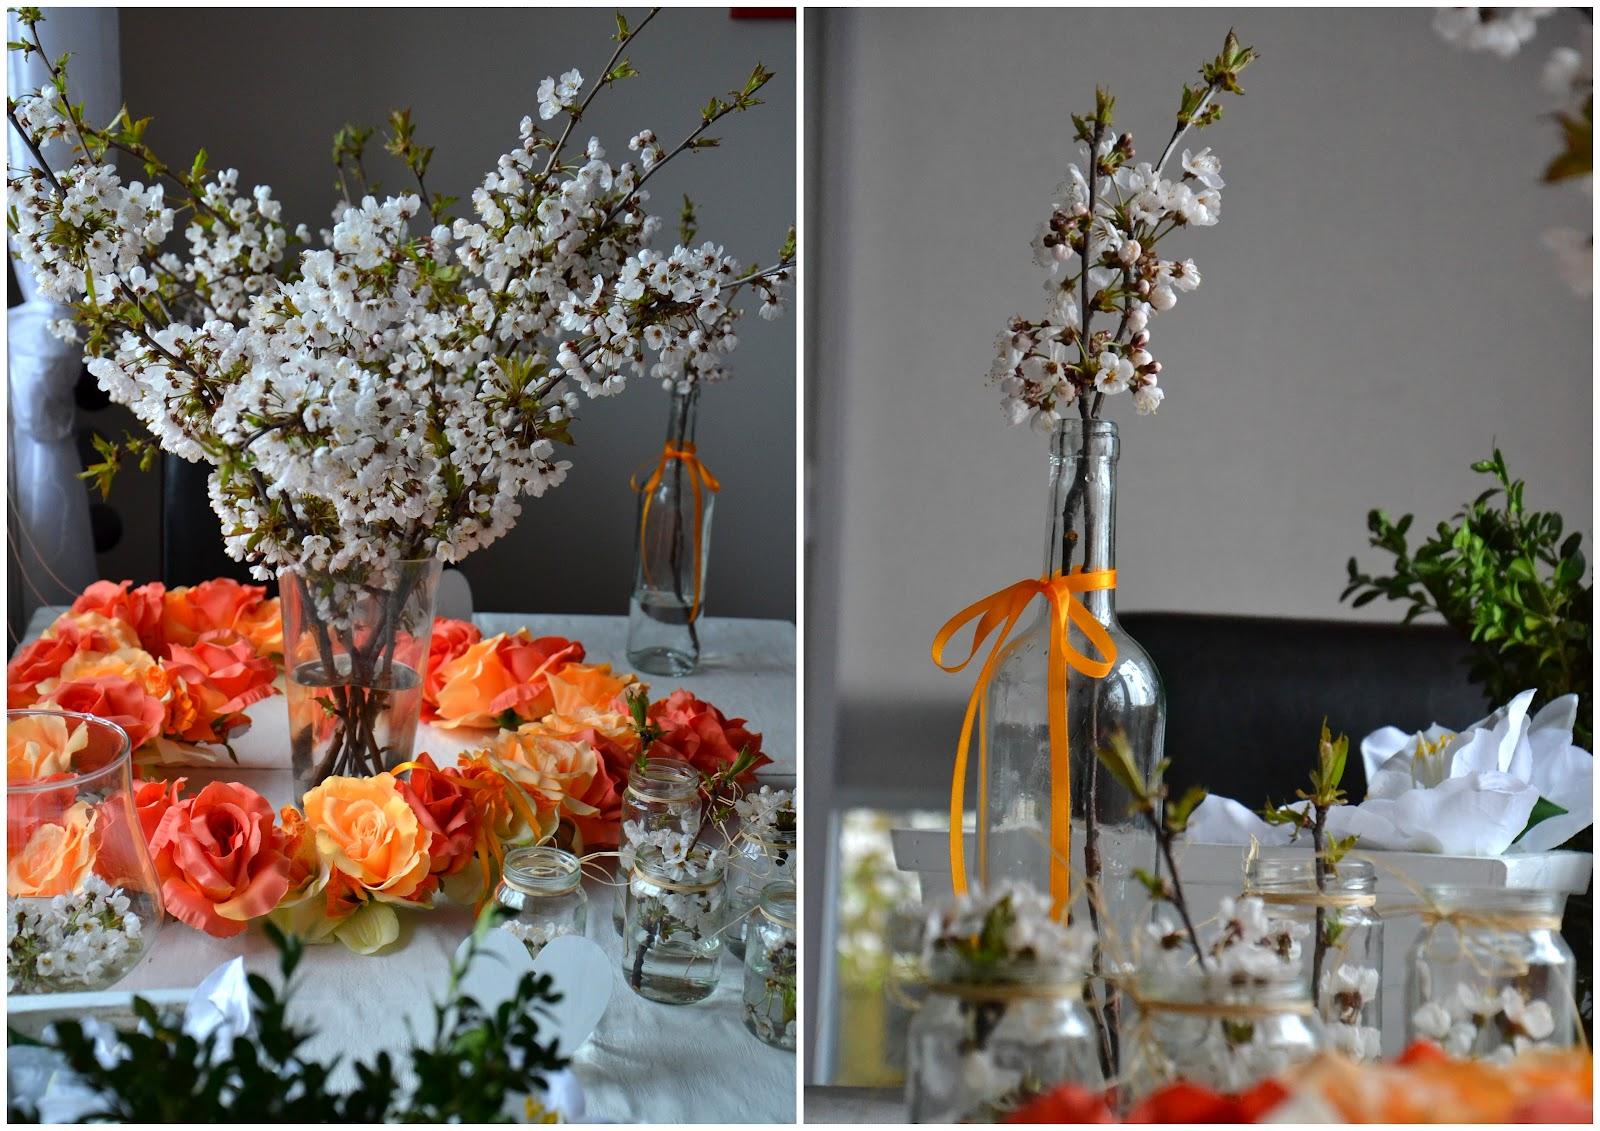 Bajeczny ślub świdnica Dekoracje ślubne 2012 świdnica Wałbrzych